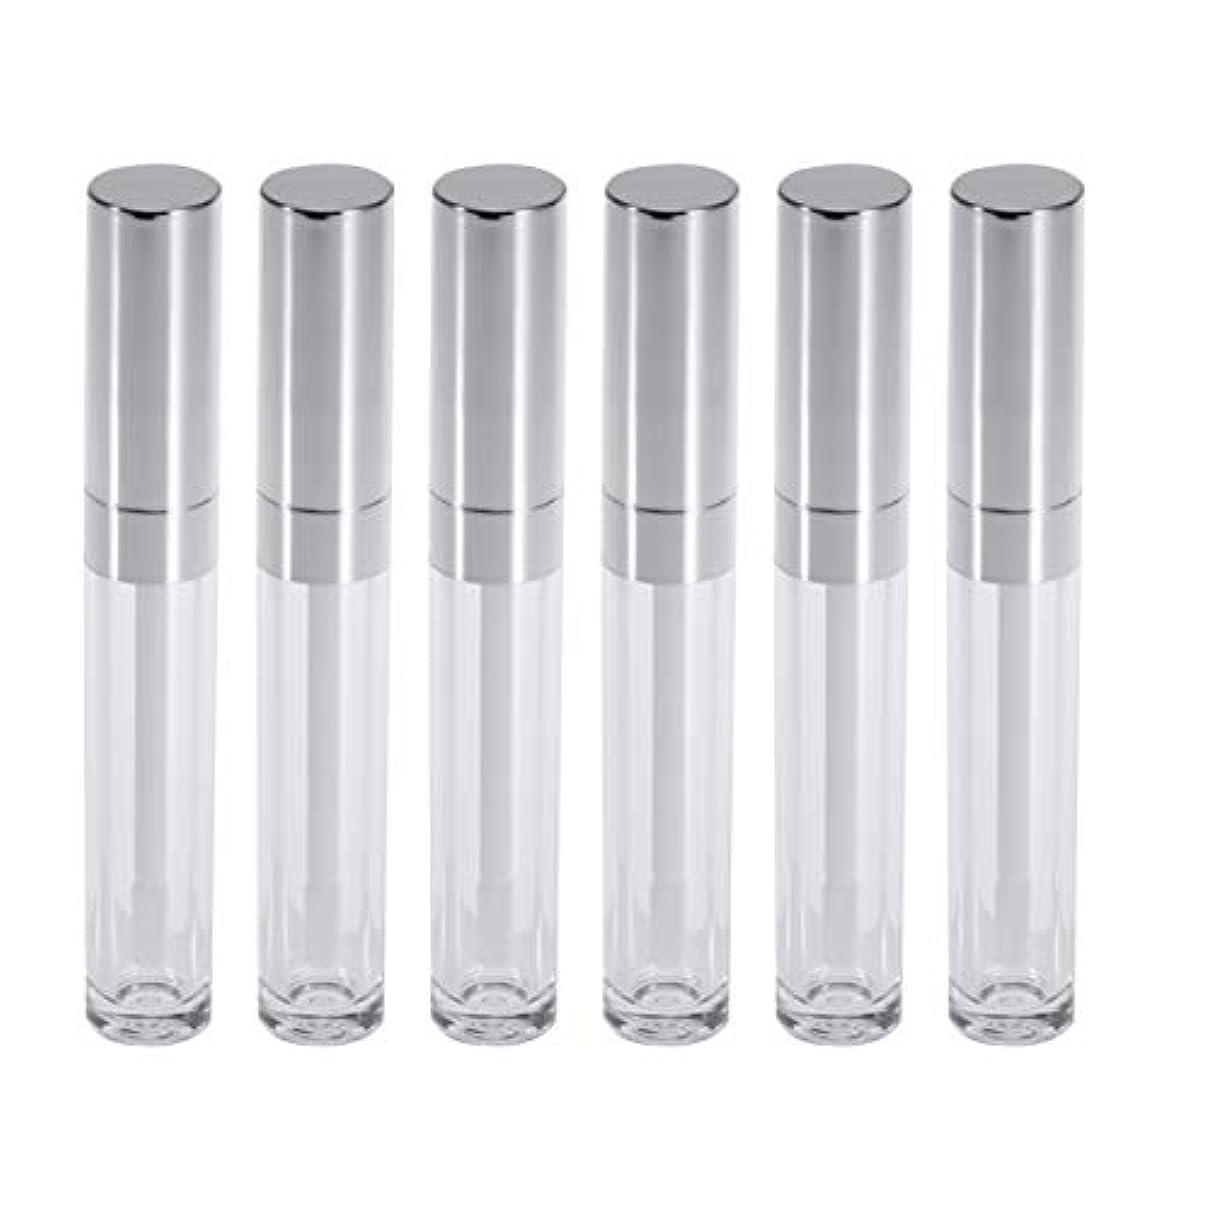 感謝している鎮痛剤観察するFrcolor リップグロスチューブ ミニ リップ容器 6ml リップグロスバーム クリア 詰め替え 空ボトル 収納 旅行用品 6本セット(シルバー)